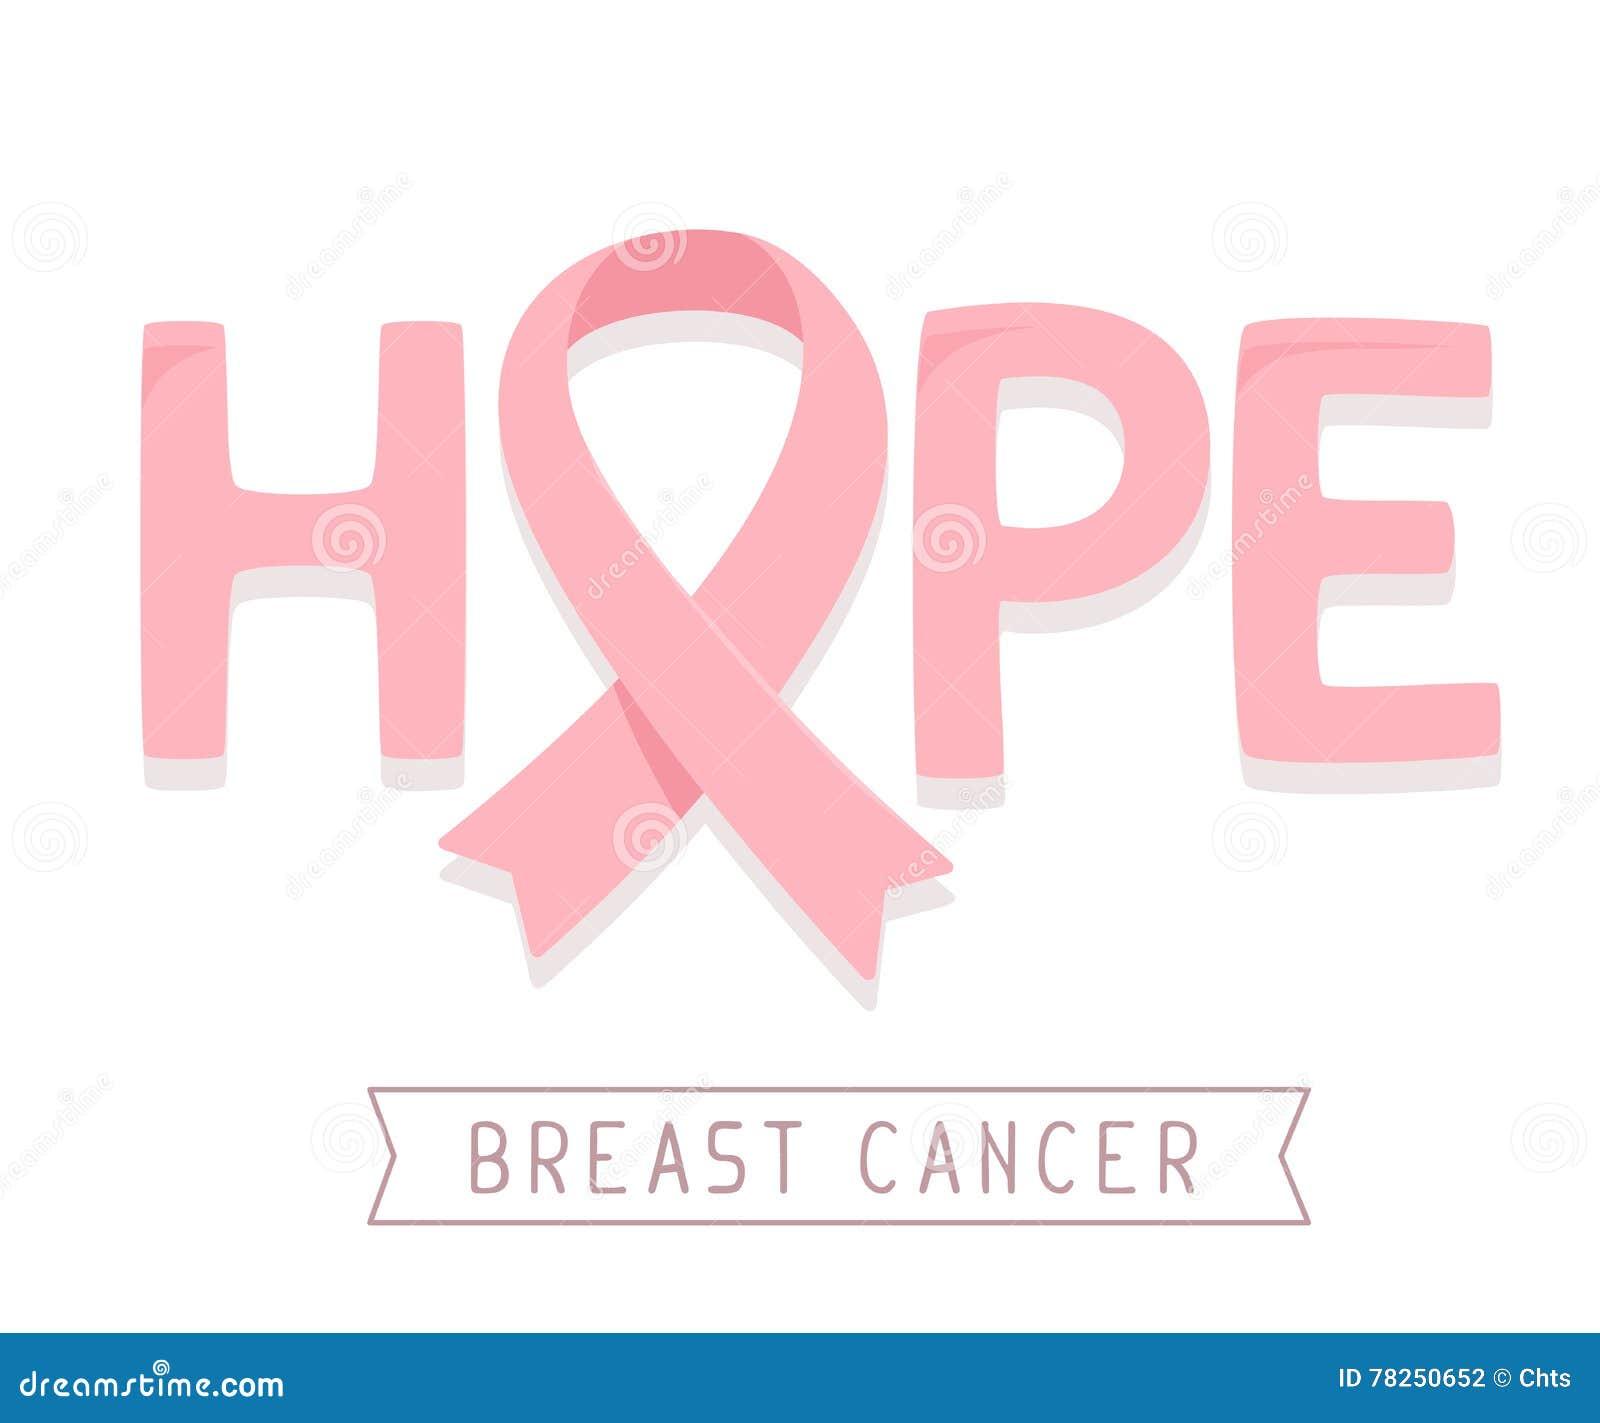 Διανυσματική απεικόνιση για το μήνα συνειδητοποίησης καρκίνου του μαστού με το ροζ